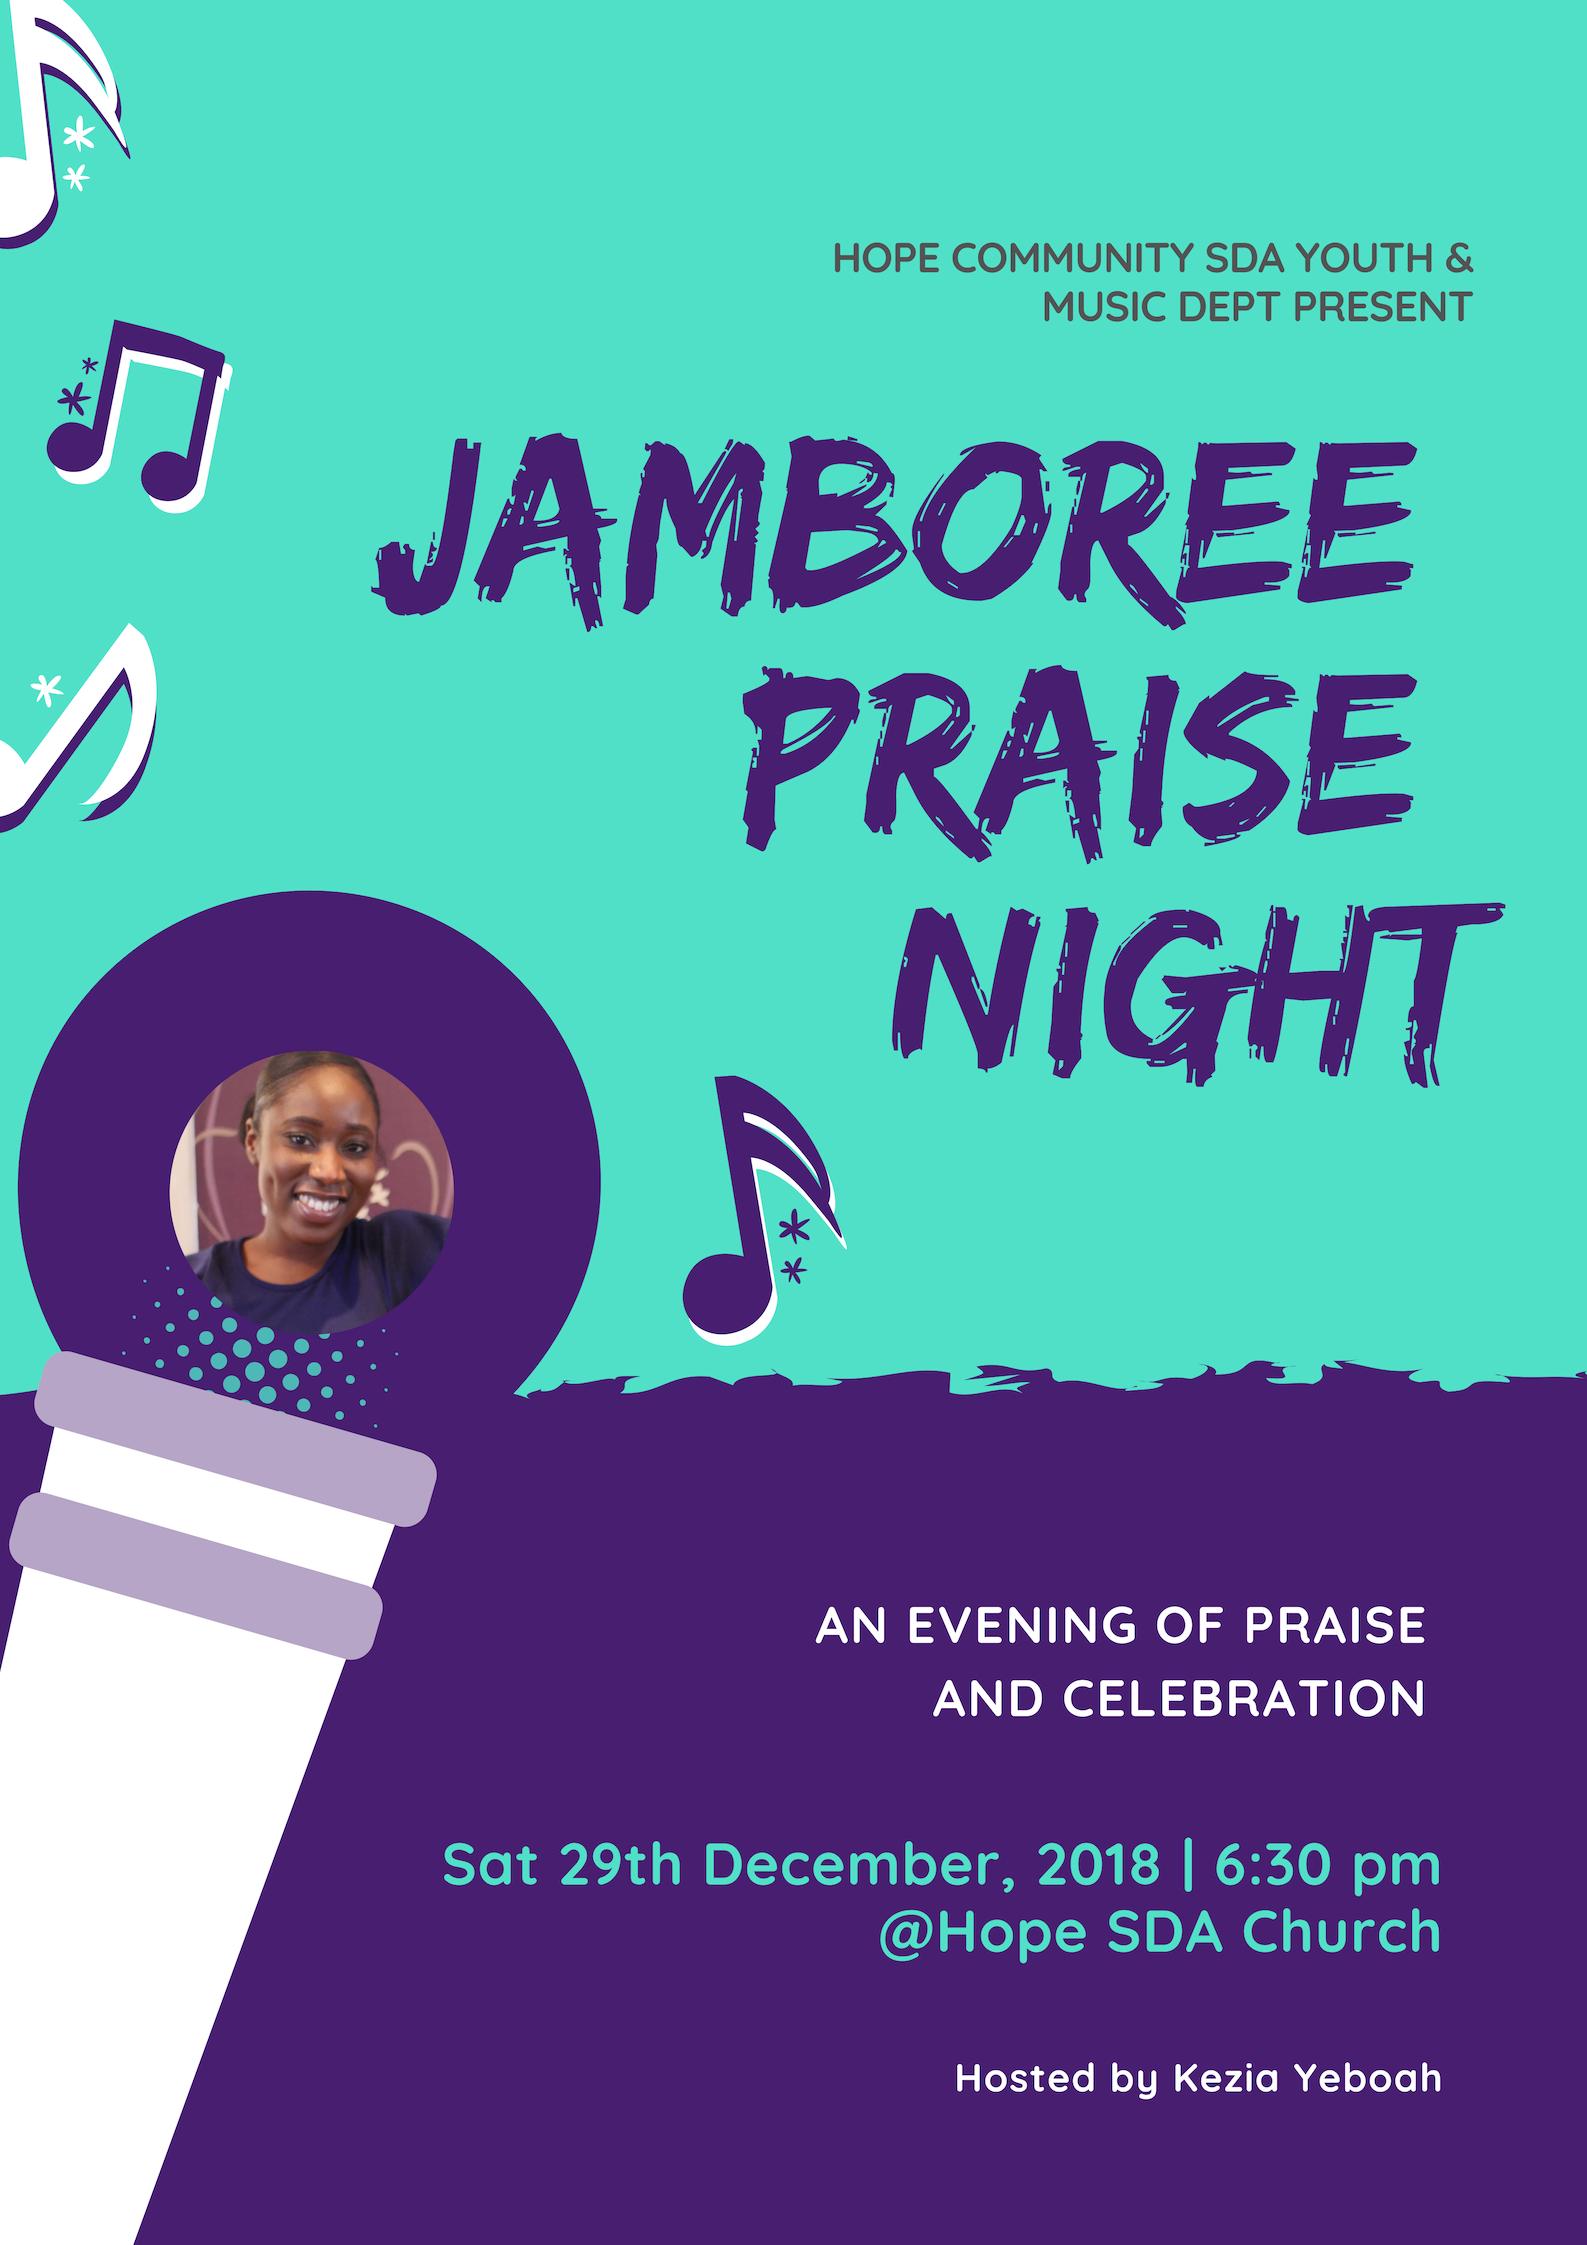 Jamboree Praise Night Hope Church Event